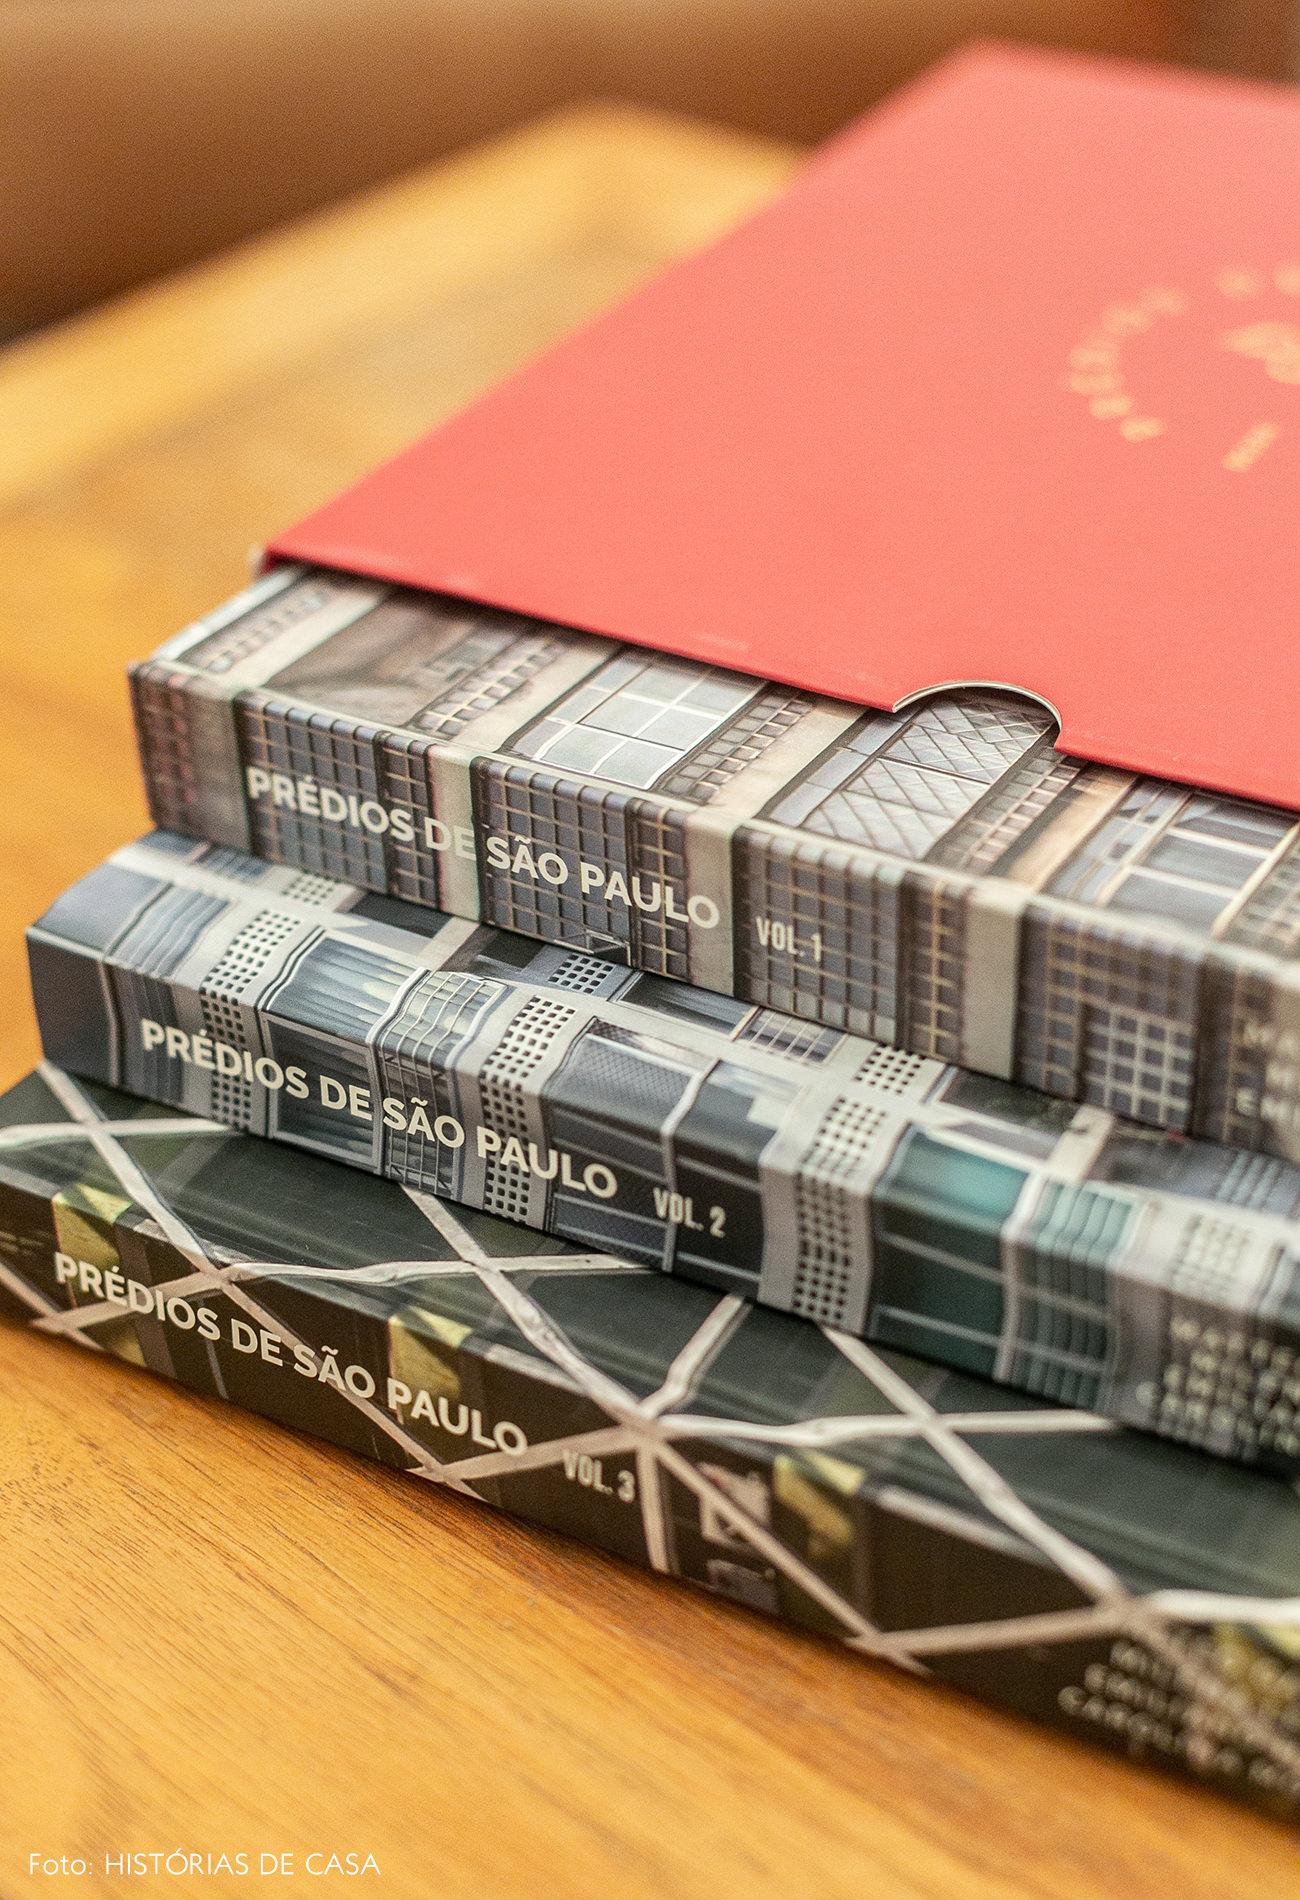 Livros Prédios de São Paulo sobre arquitetura